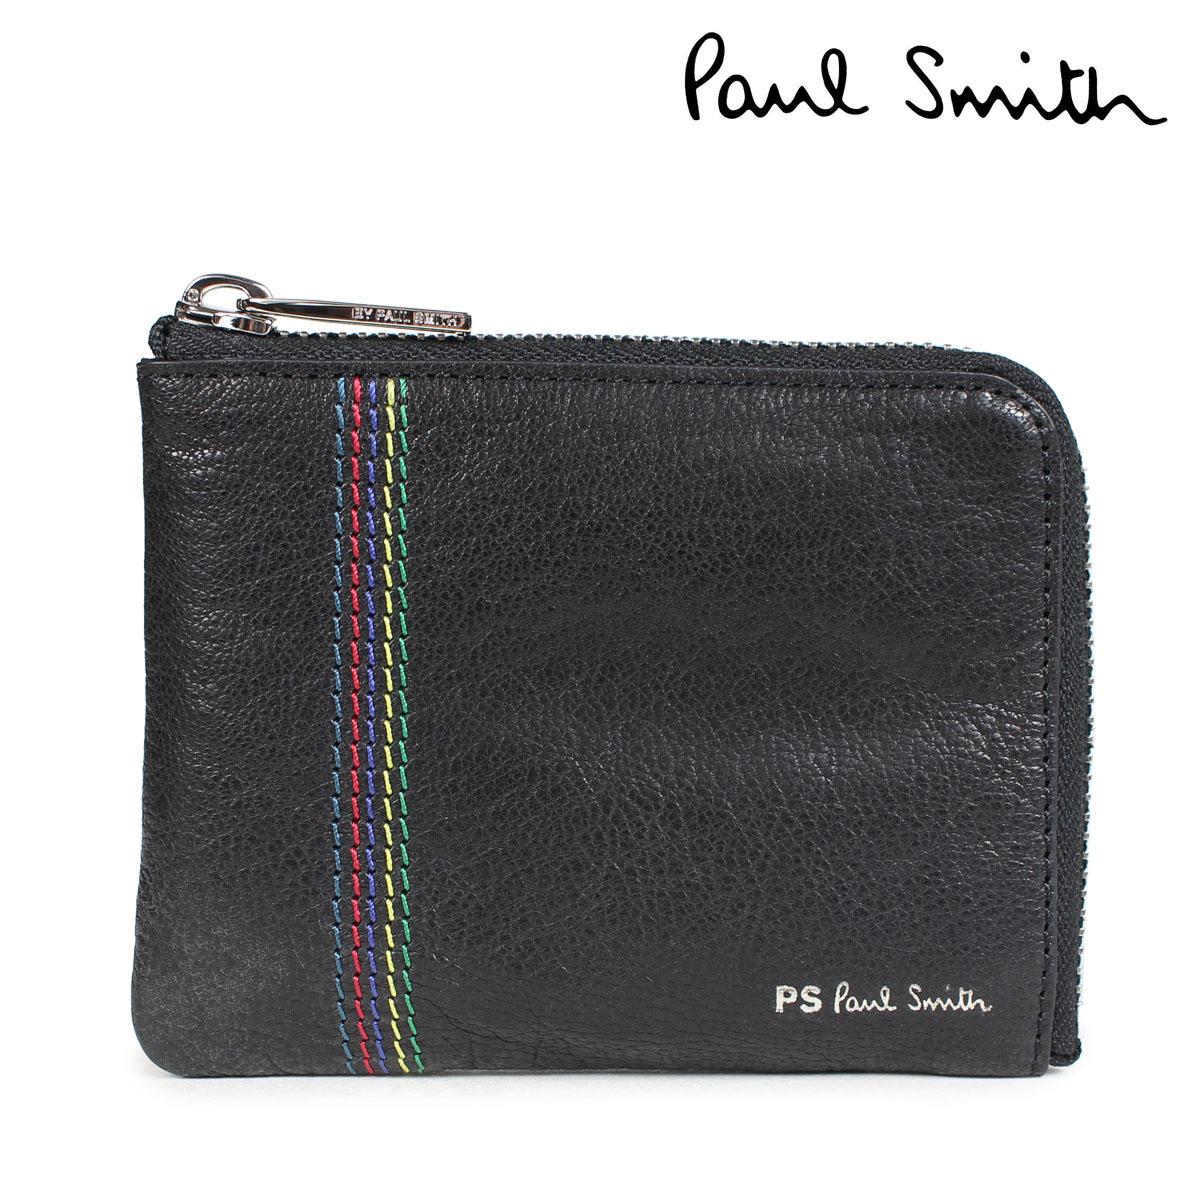 ポールスミス 財布 メンズ 小銭入れ Paul Smith WALLET レザー ブラック M2A 5318 APSSTI [10/11 新入荷]